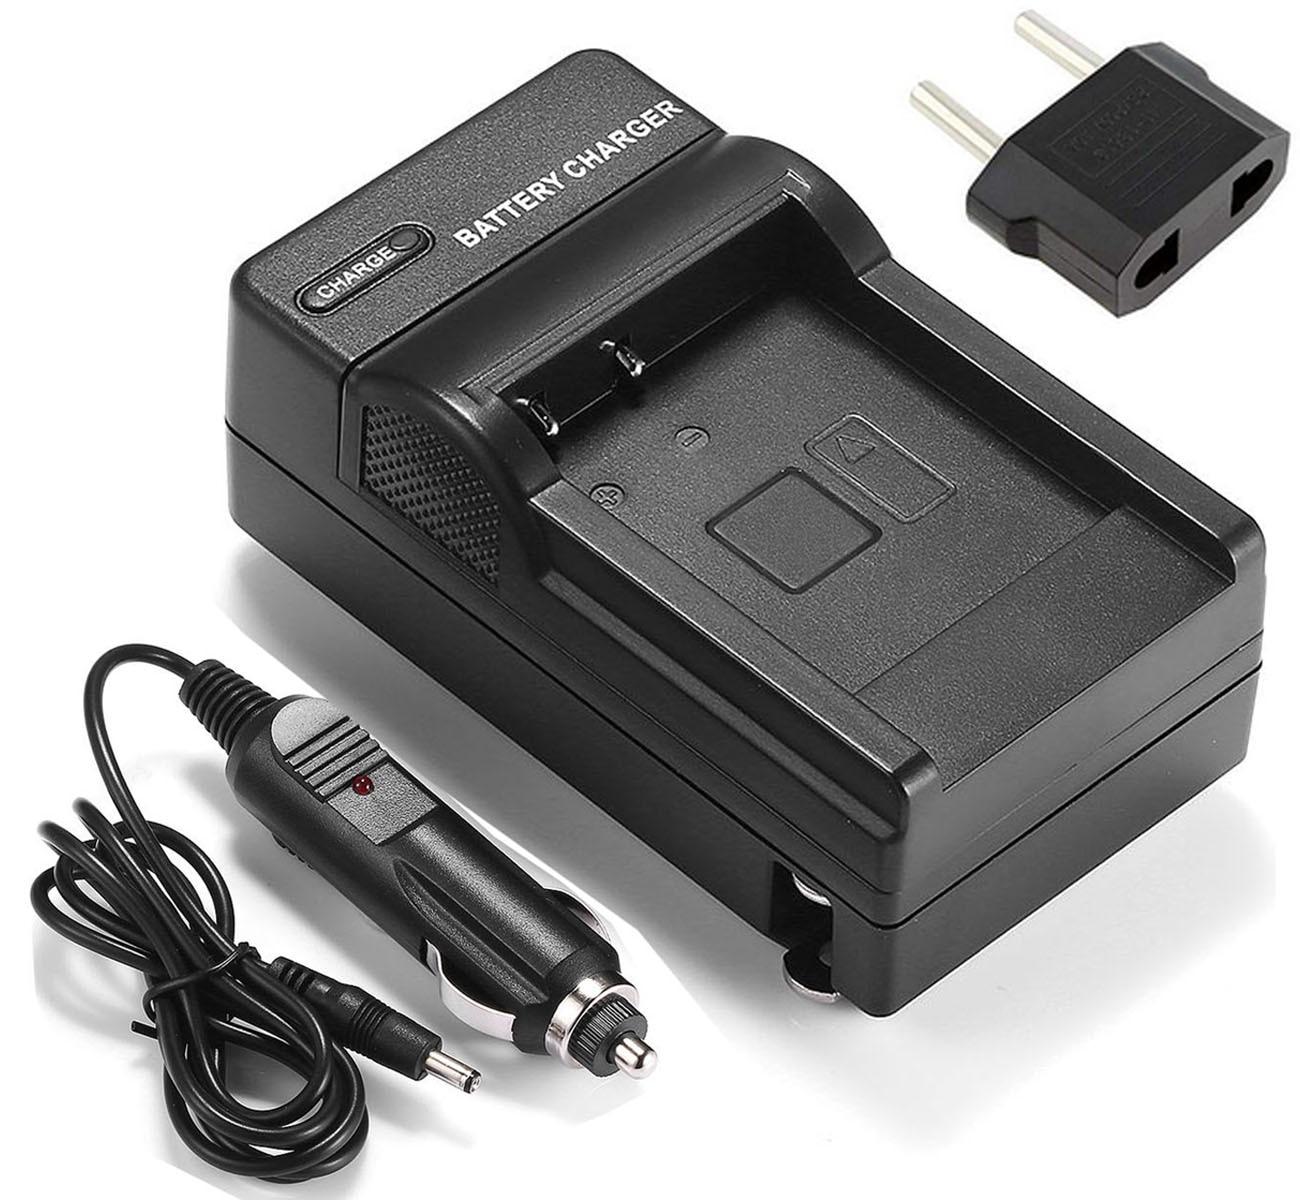 Carregador de Bateria para Sony Hdr-pj440e Handycam Filmadora Hdr-pj240 Hdr-pj240e Hdr-pj270e Hdr-pj275e Hdr-pj410e